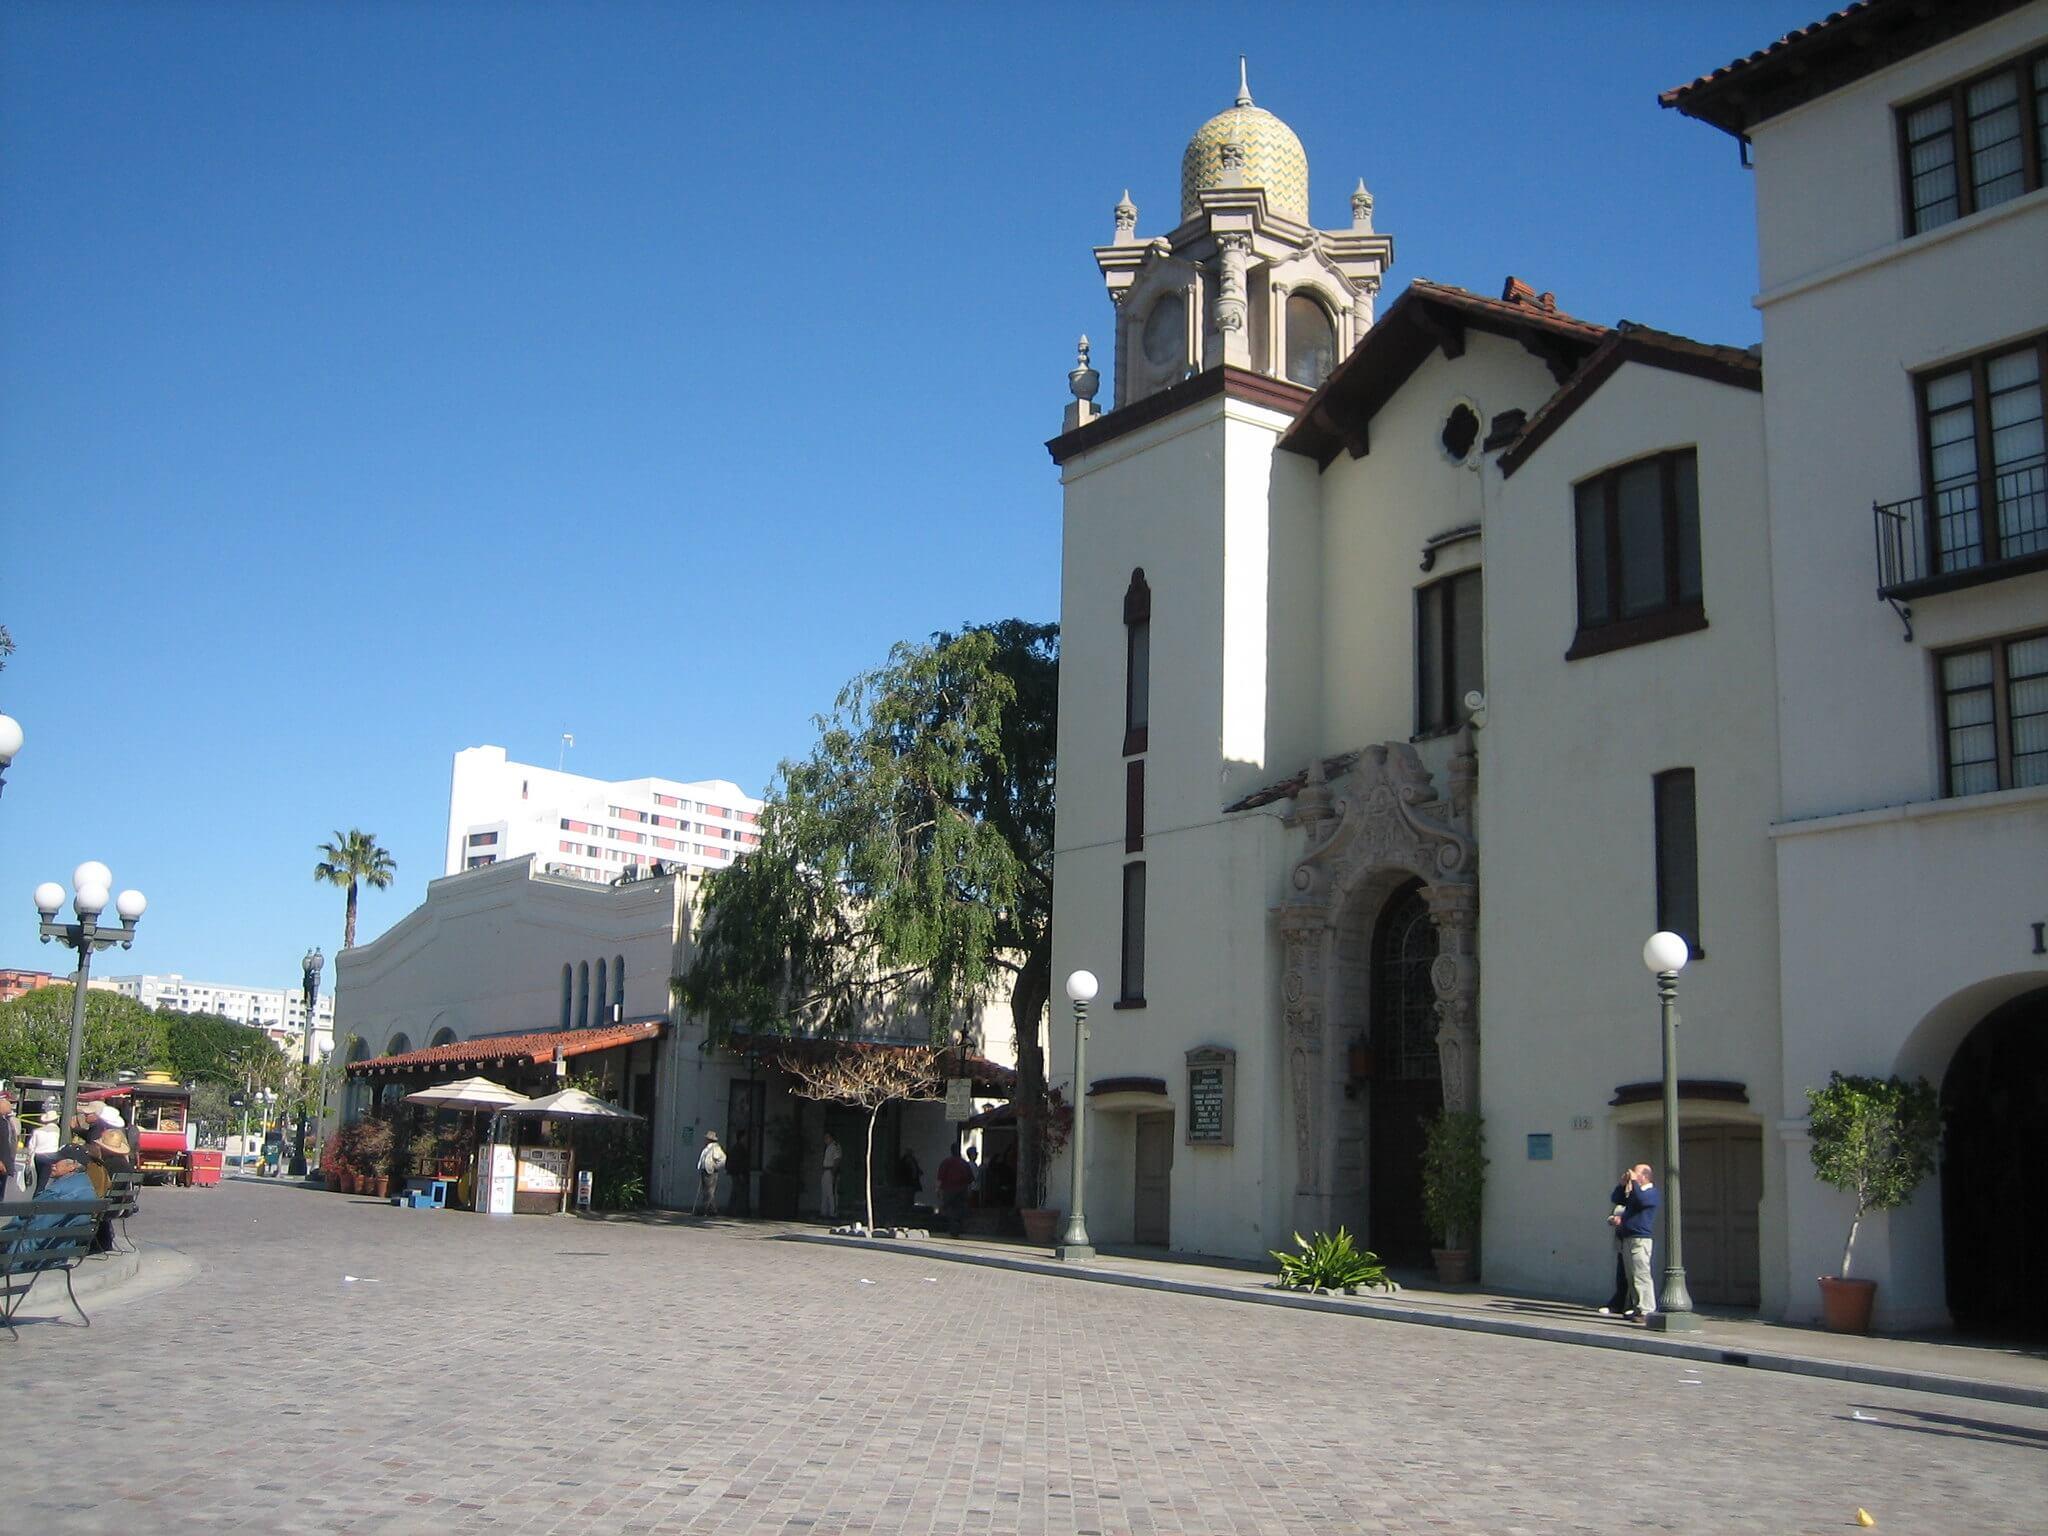 El Pueblo est un petit village de type espagnol du XVIIIème siècle, permettant de voir à quoi ressemblait Los Angeles avant de devenir la mégalopole LA d'aujourd'hui.